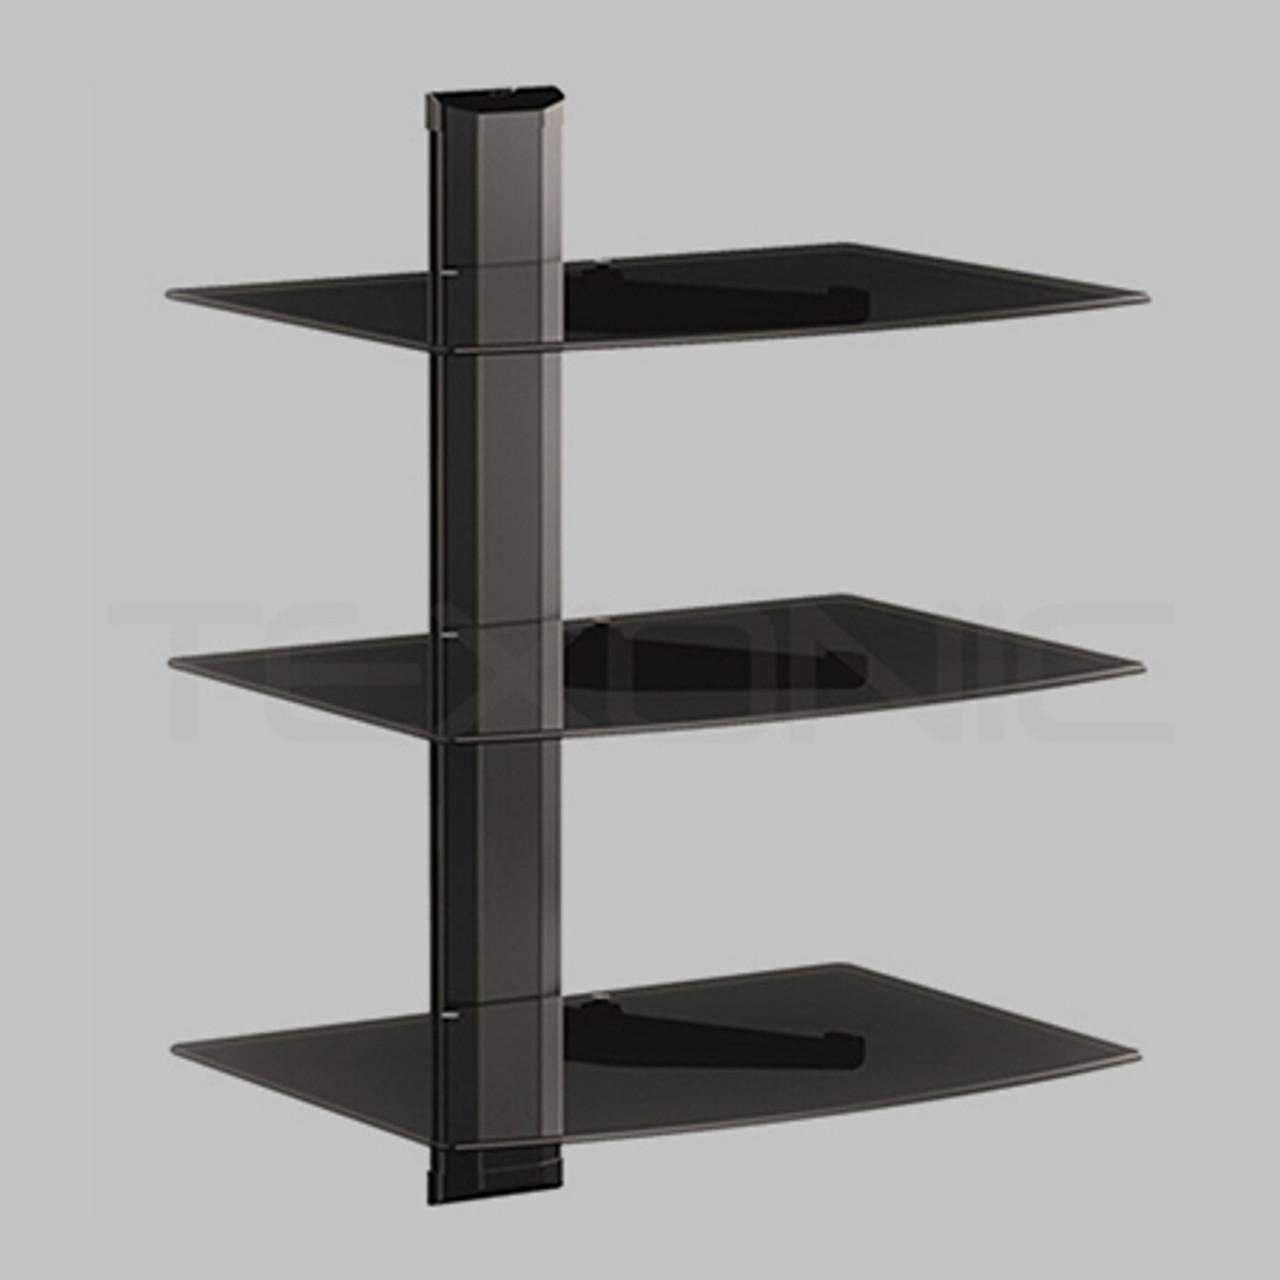 AV Component Shelves